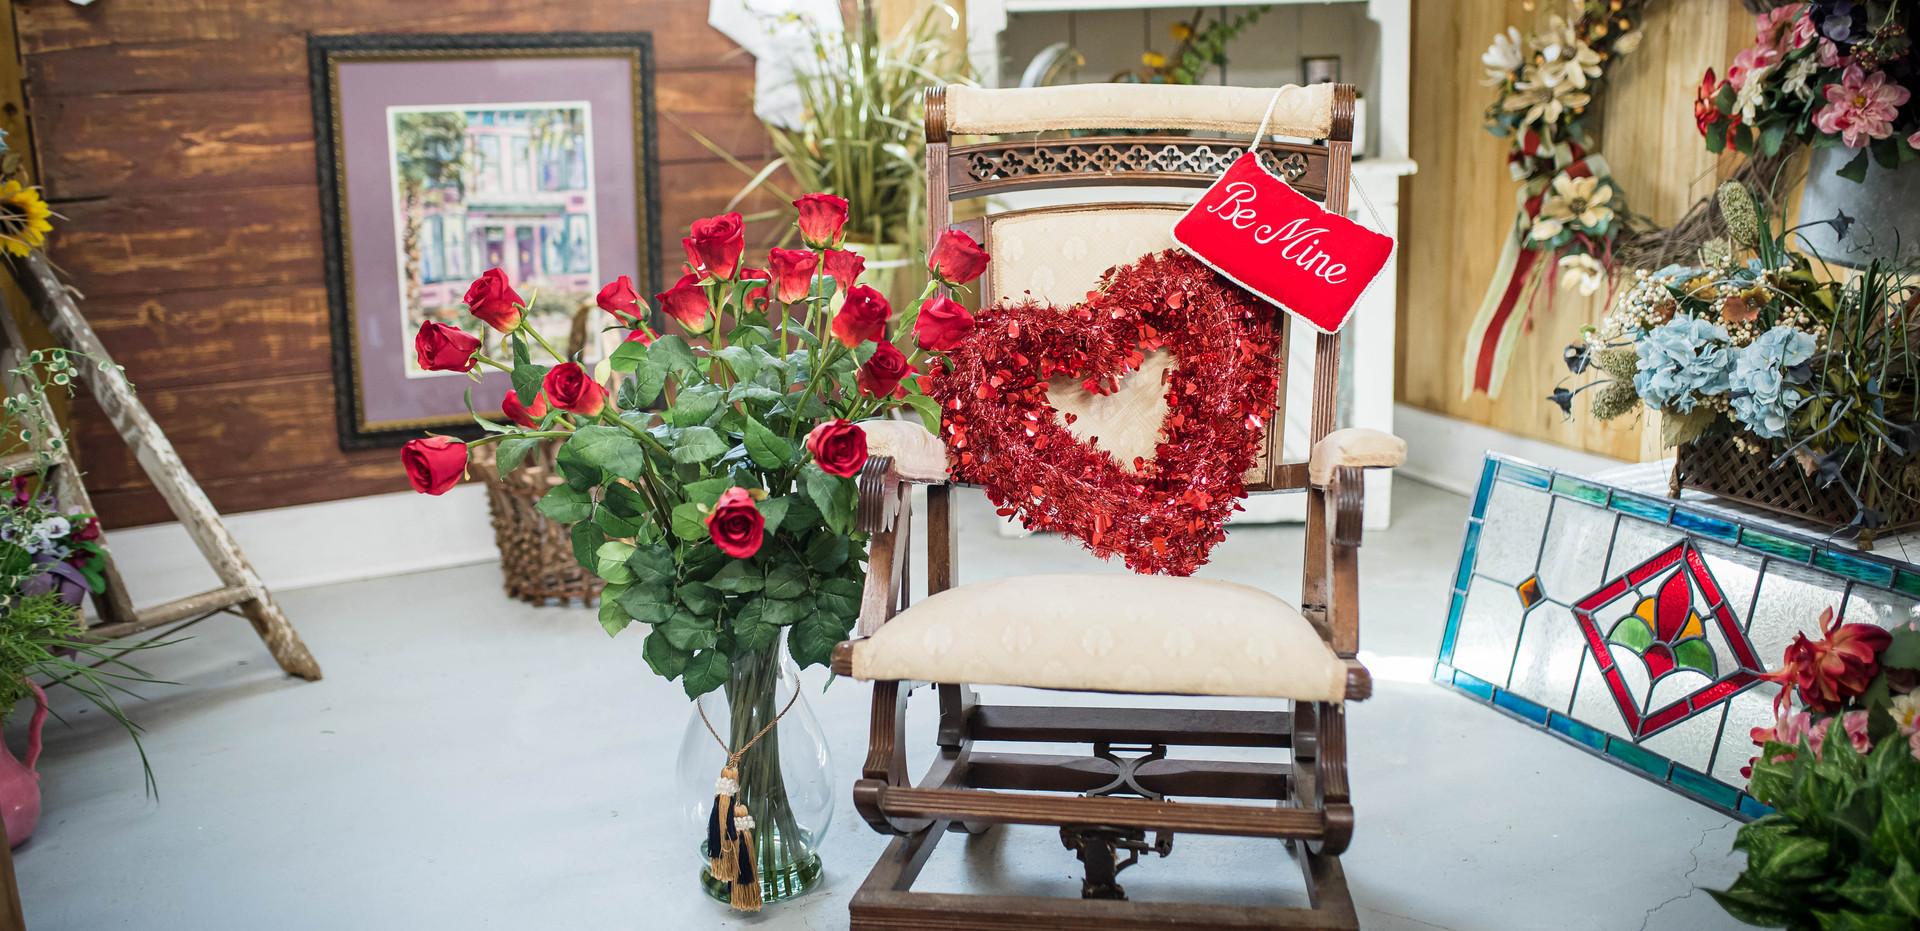 The Savannah Florist Room (or Flower Room)